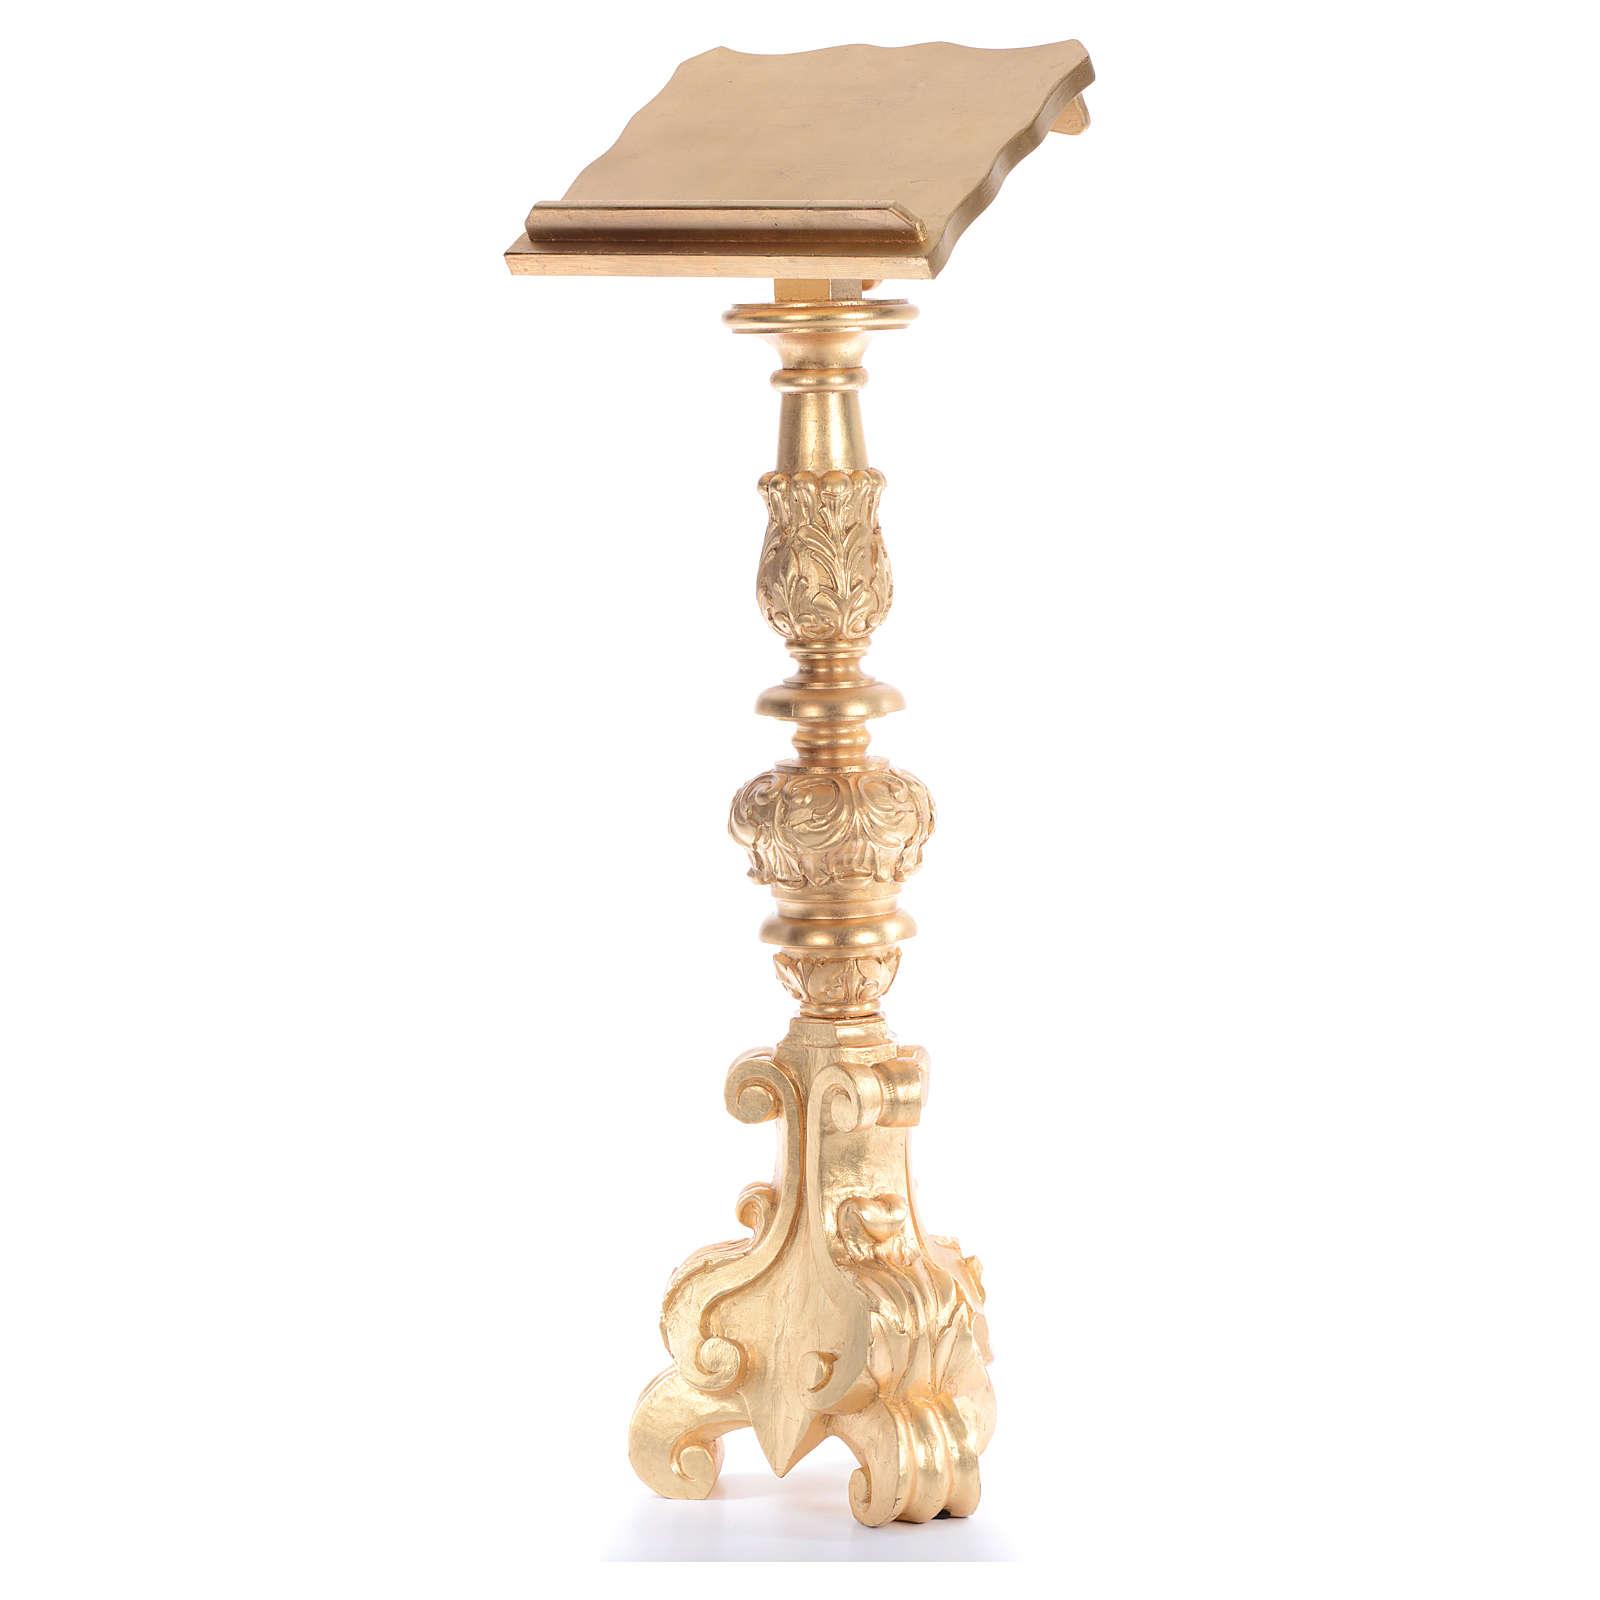 Leggio stile candeliere barocco intagliato foglia oro 120 cm 4